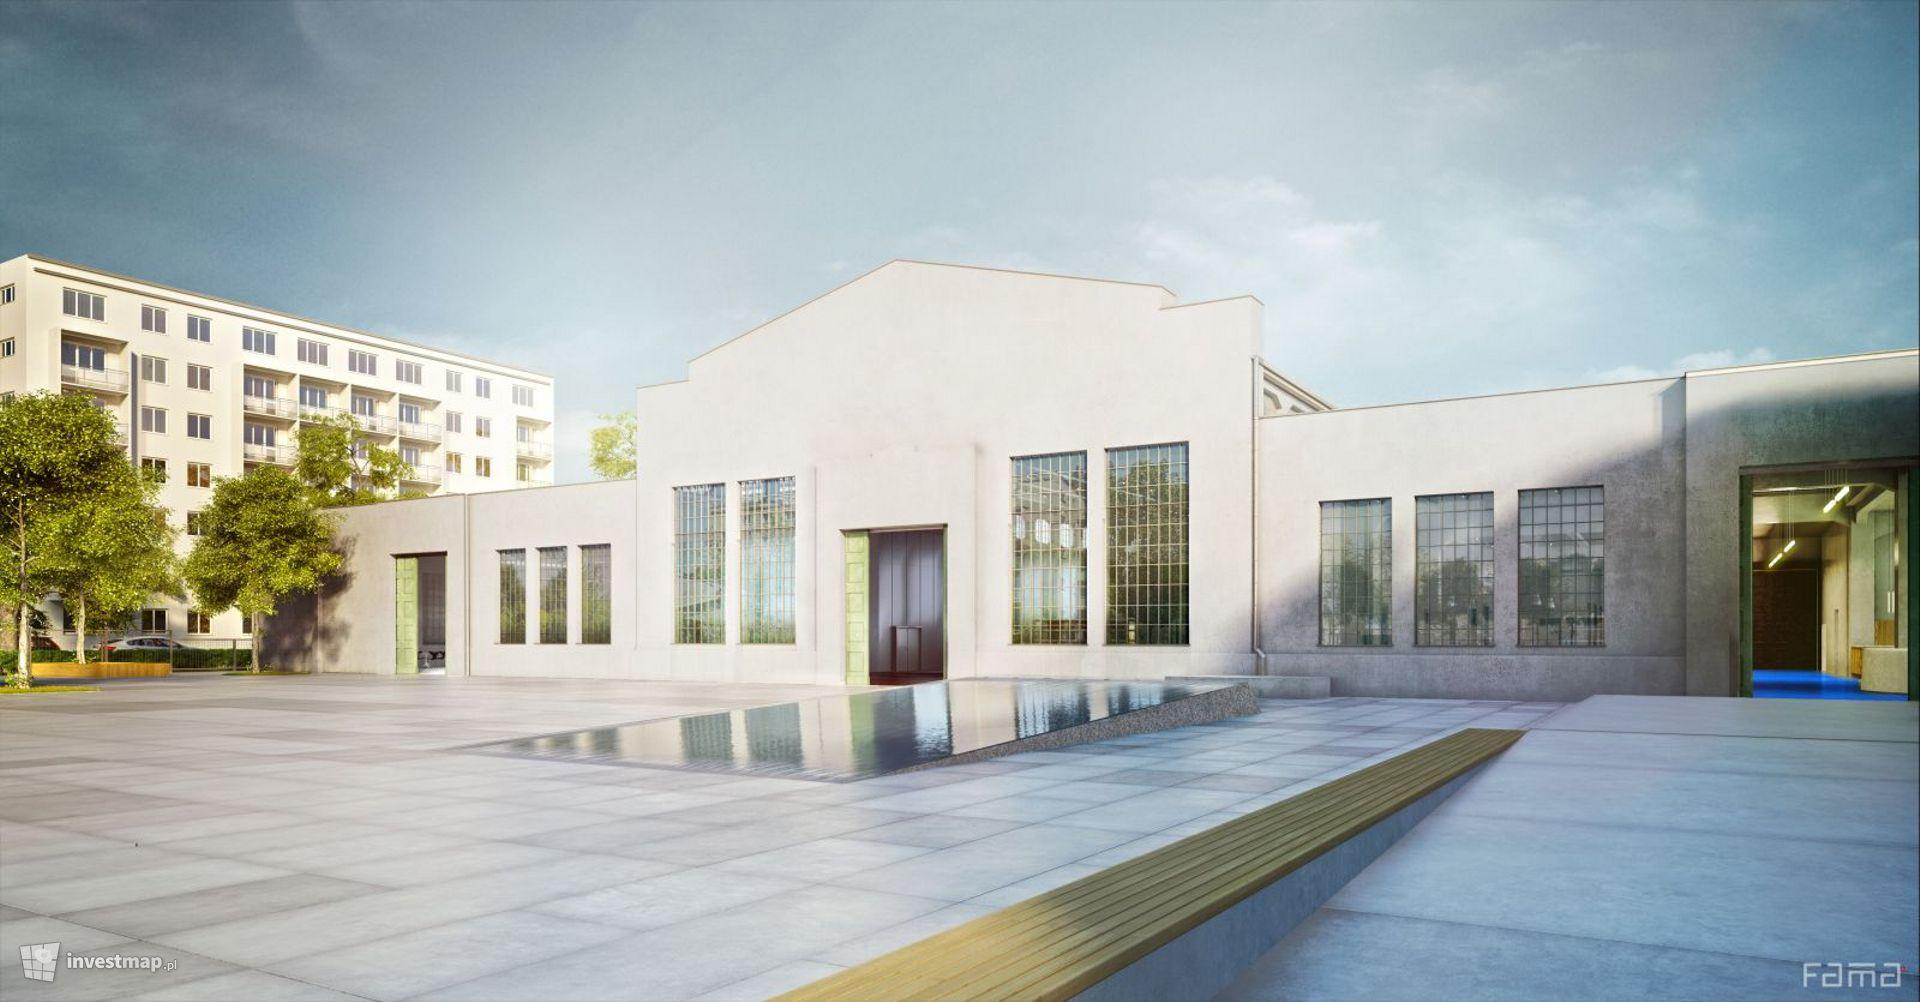 Międzynarodowe Centrum Kultury Nowy Teatr